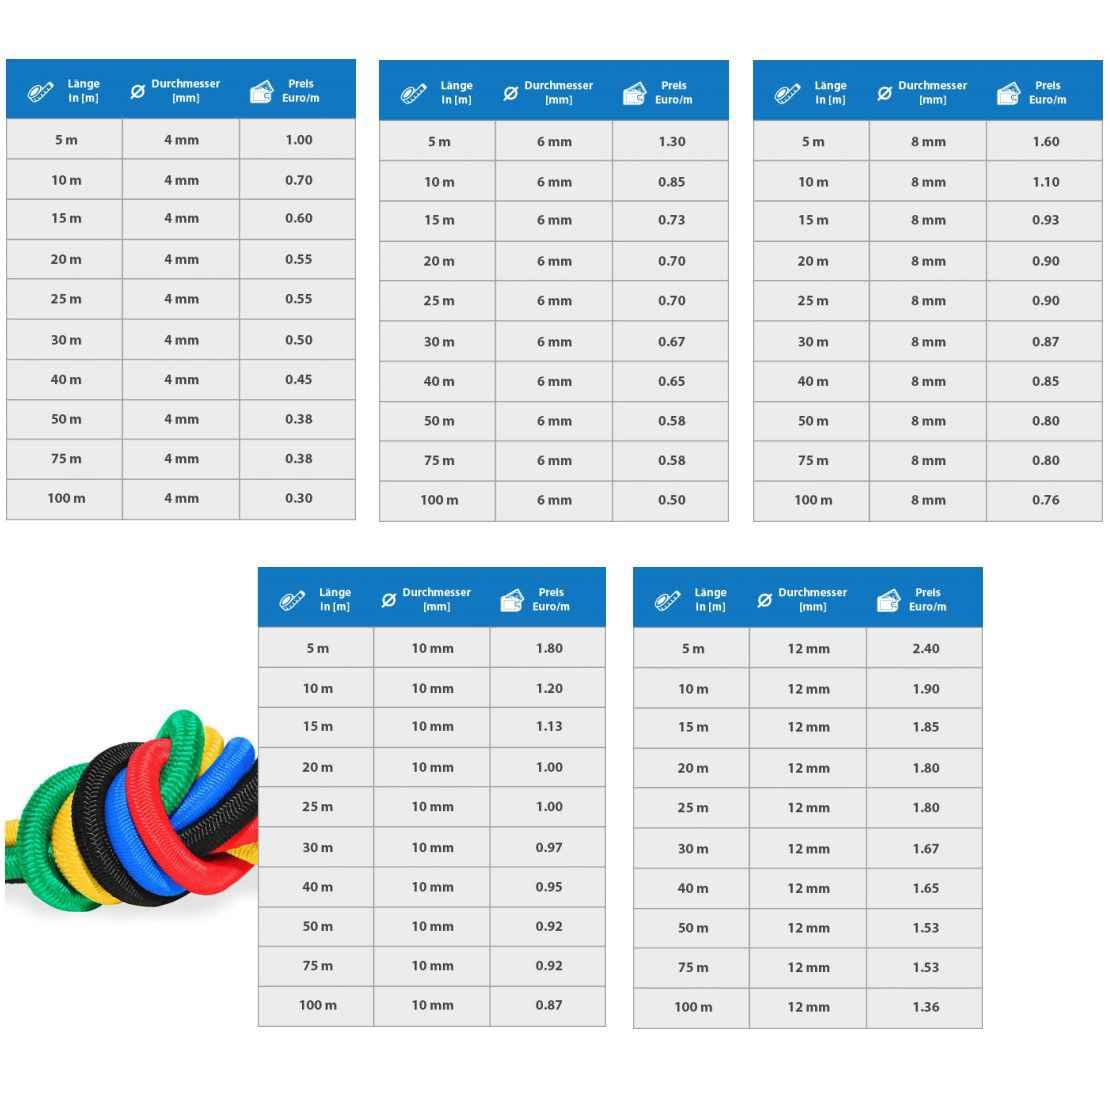 GUMMISEIL Seil Expanderseil Gummileine Spannseil Planenseil elastisches Seil GUMMISEIL Plane dd708a